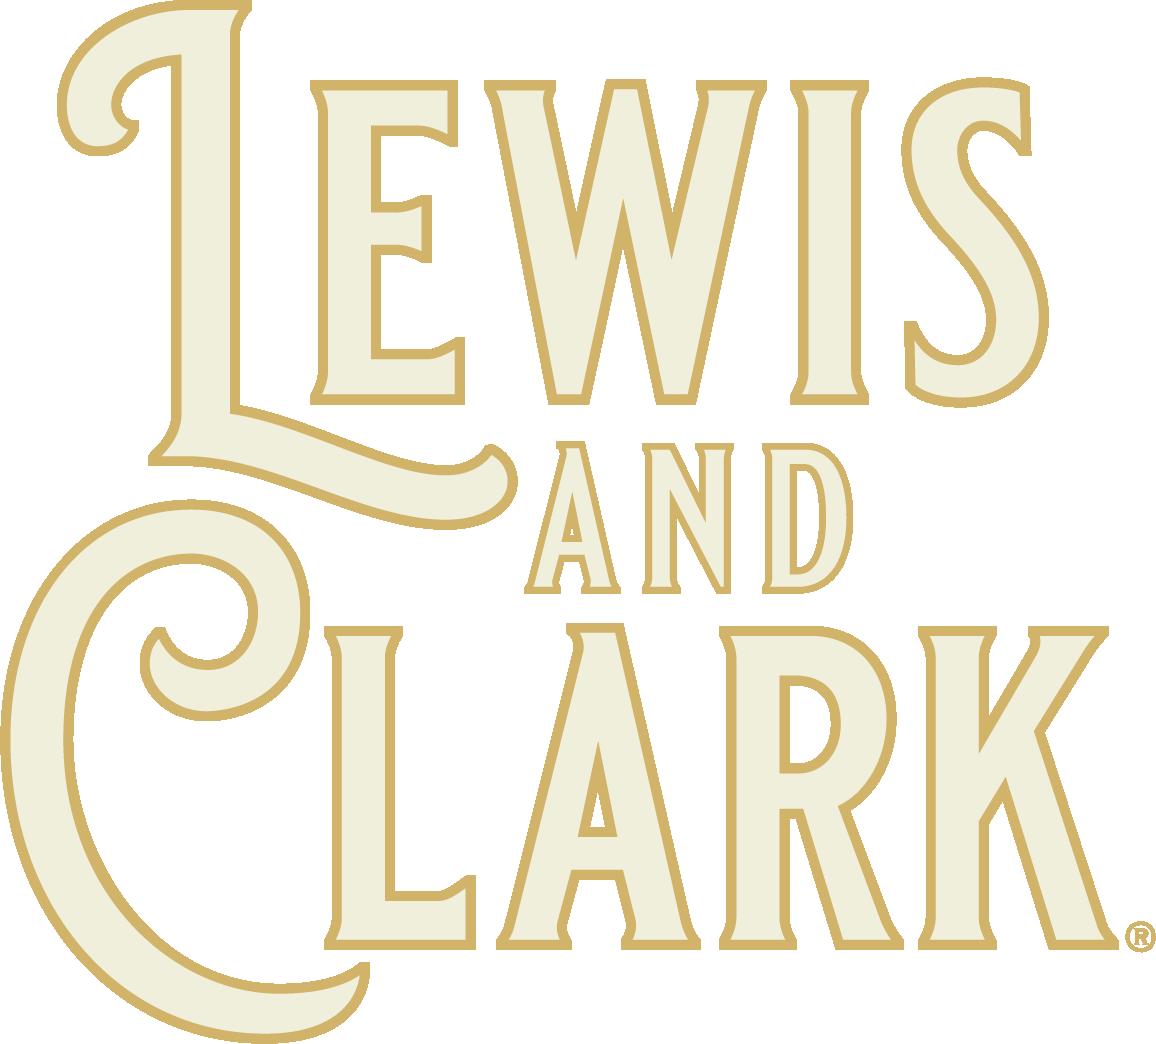 LewisClark.png